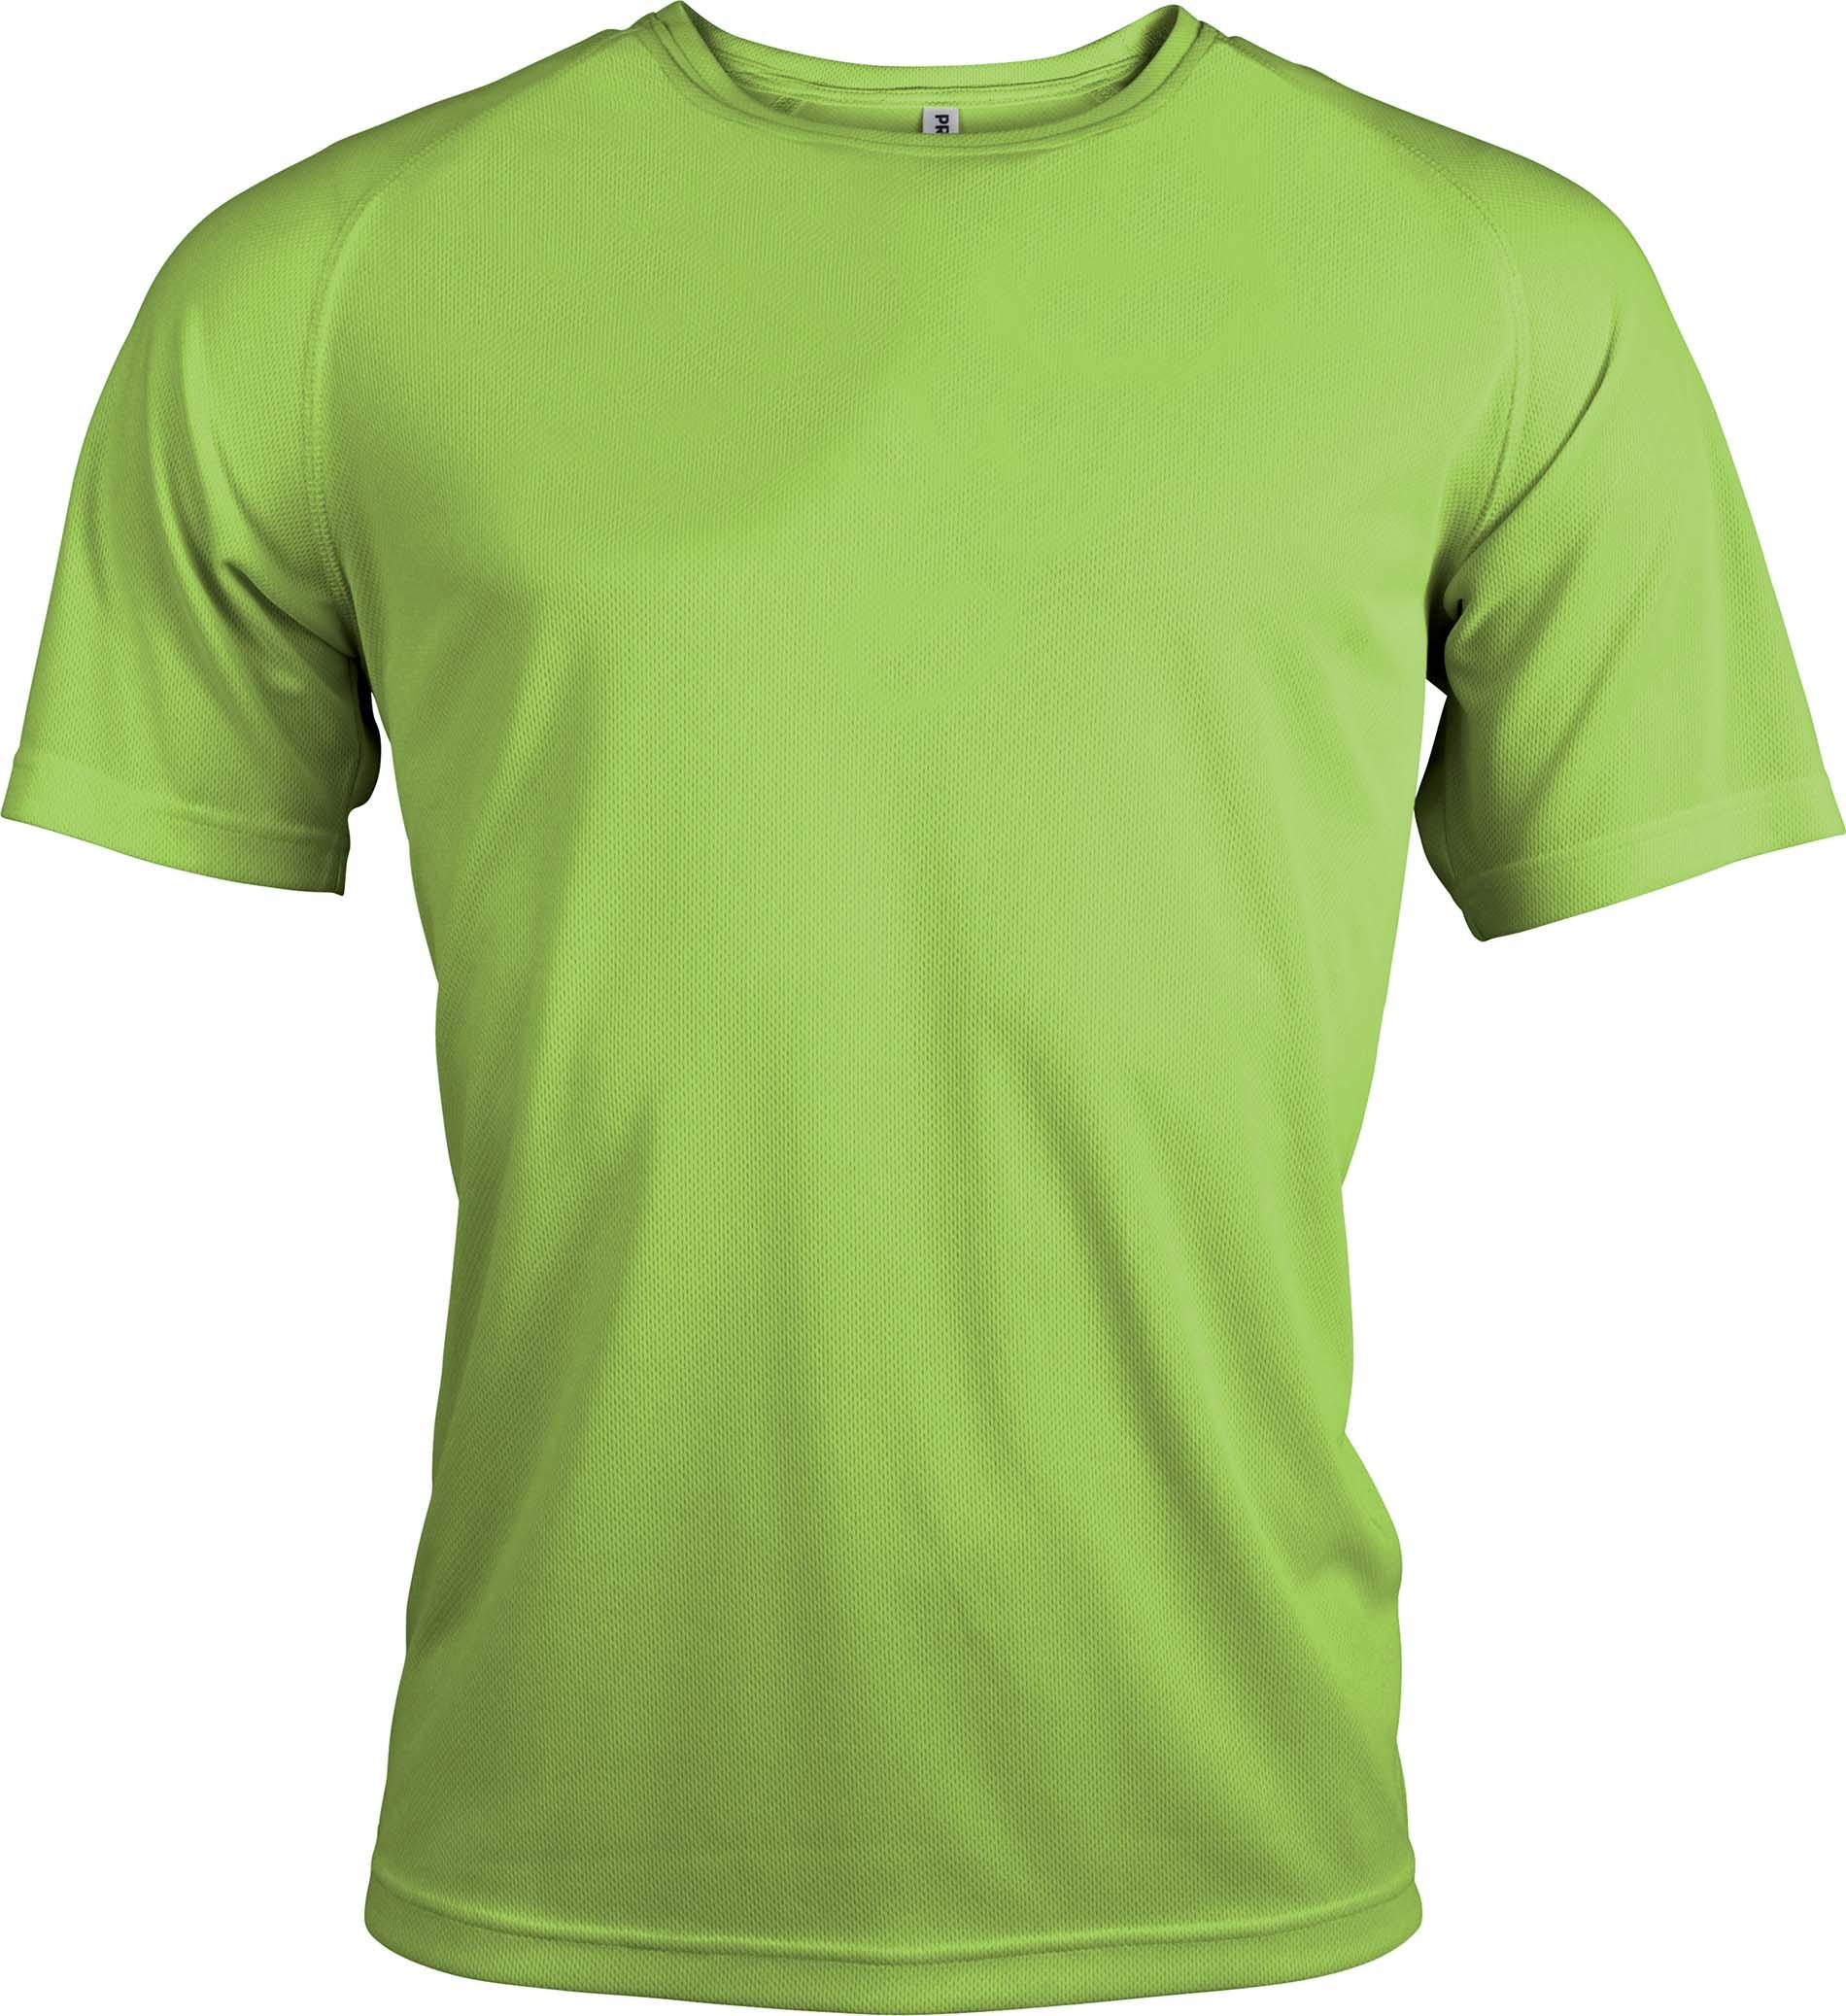 Miesten tekninen T-paita PA438 Lime